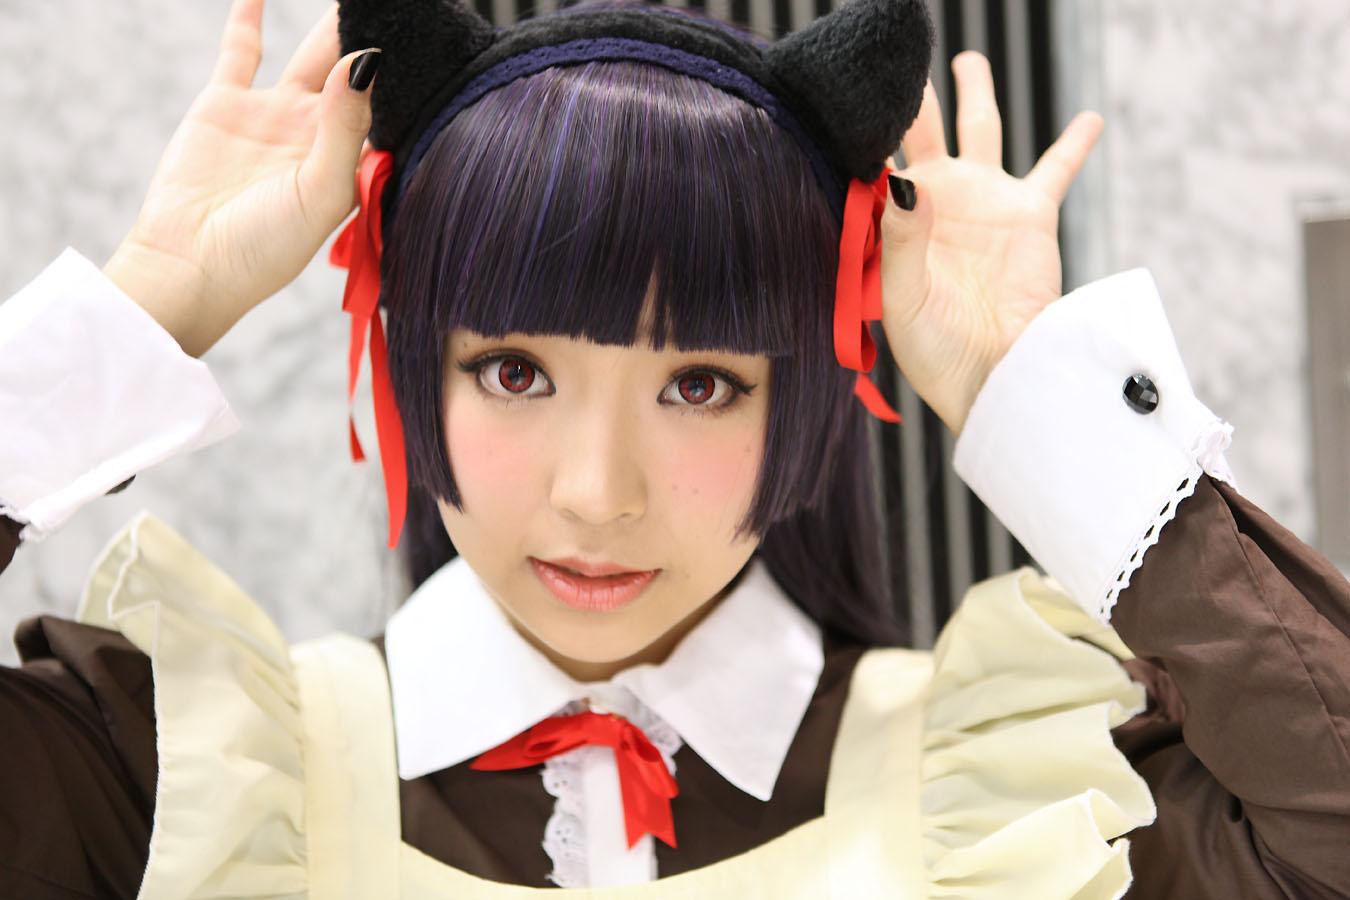 【浅絵綾人さん】俺の妹がこんなに可愛いわけがない 黒猫